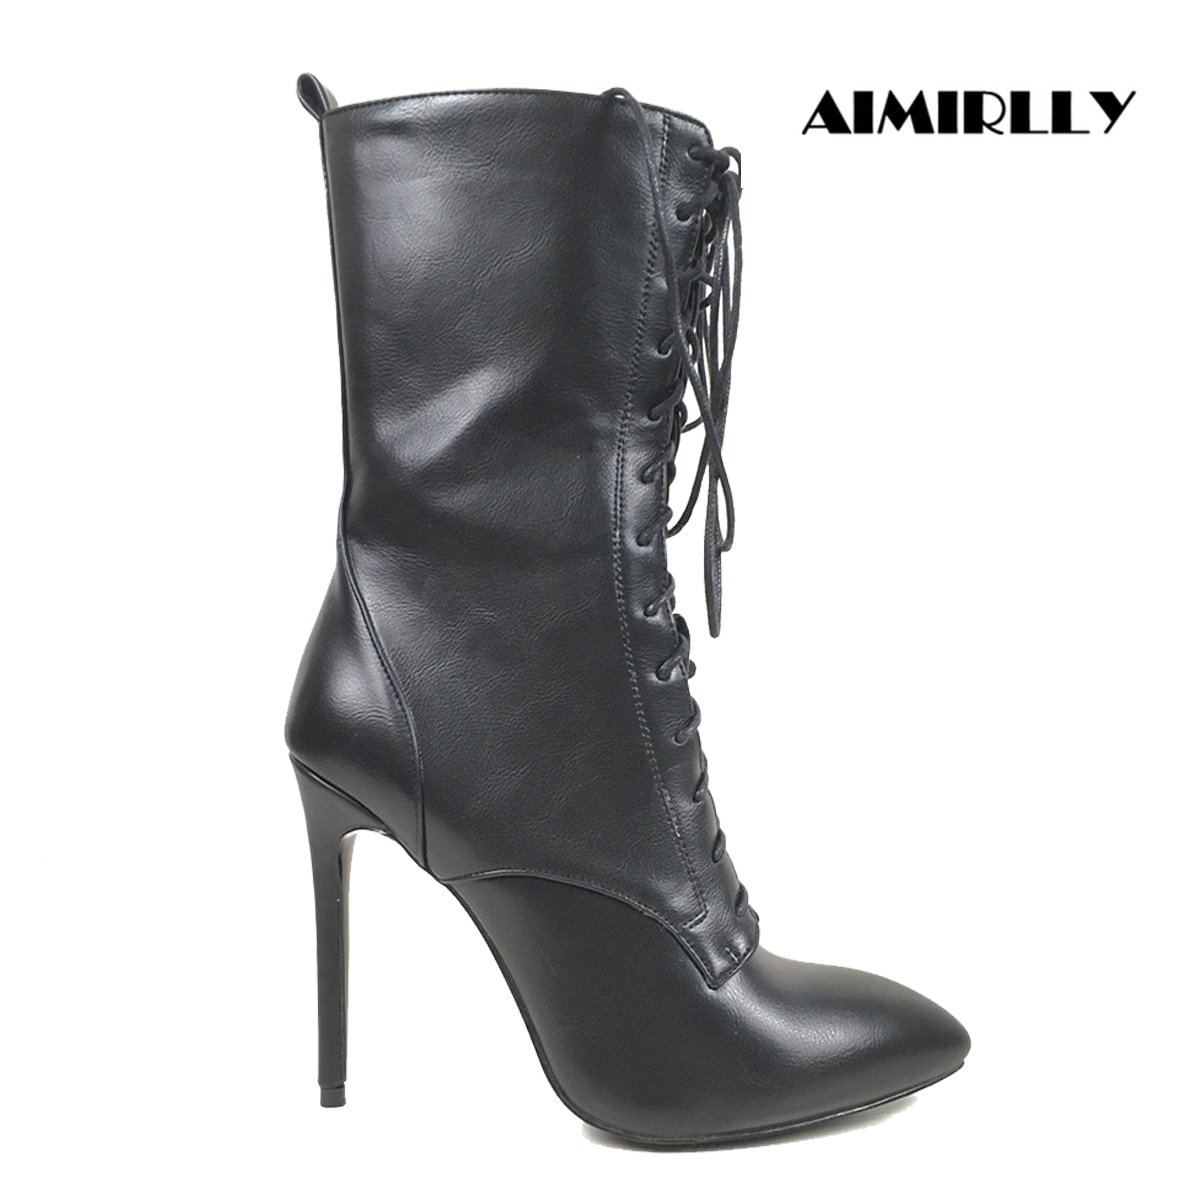 Femmes bout pointu bottines noir/bleu foncé PU classique à lacets 12cm chaussons à talons hauts printemps automne chaussures habillées grand tableau